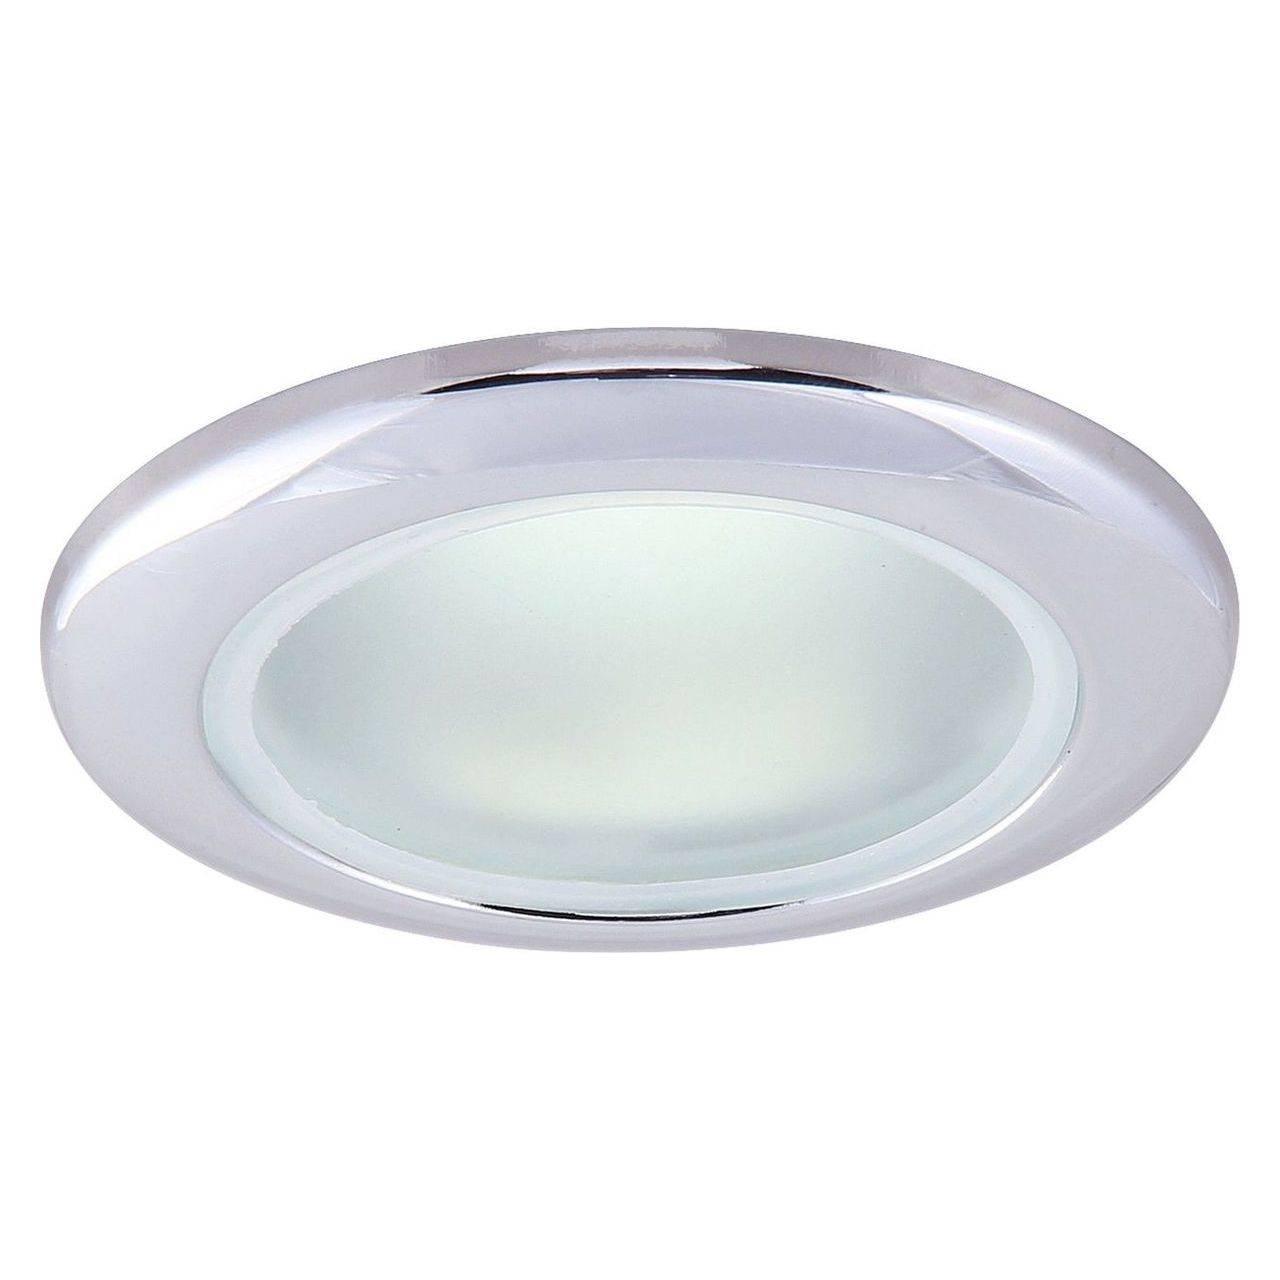 Встраиваемый светильник Arte Lamp Aqua A2024PL-1CC светильник для влажных помещений arte lamp aqua a2944ap 1cc